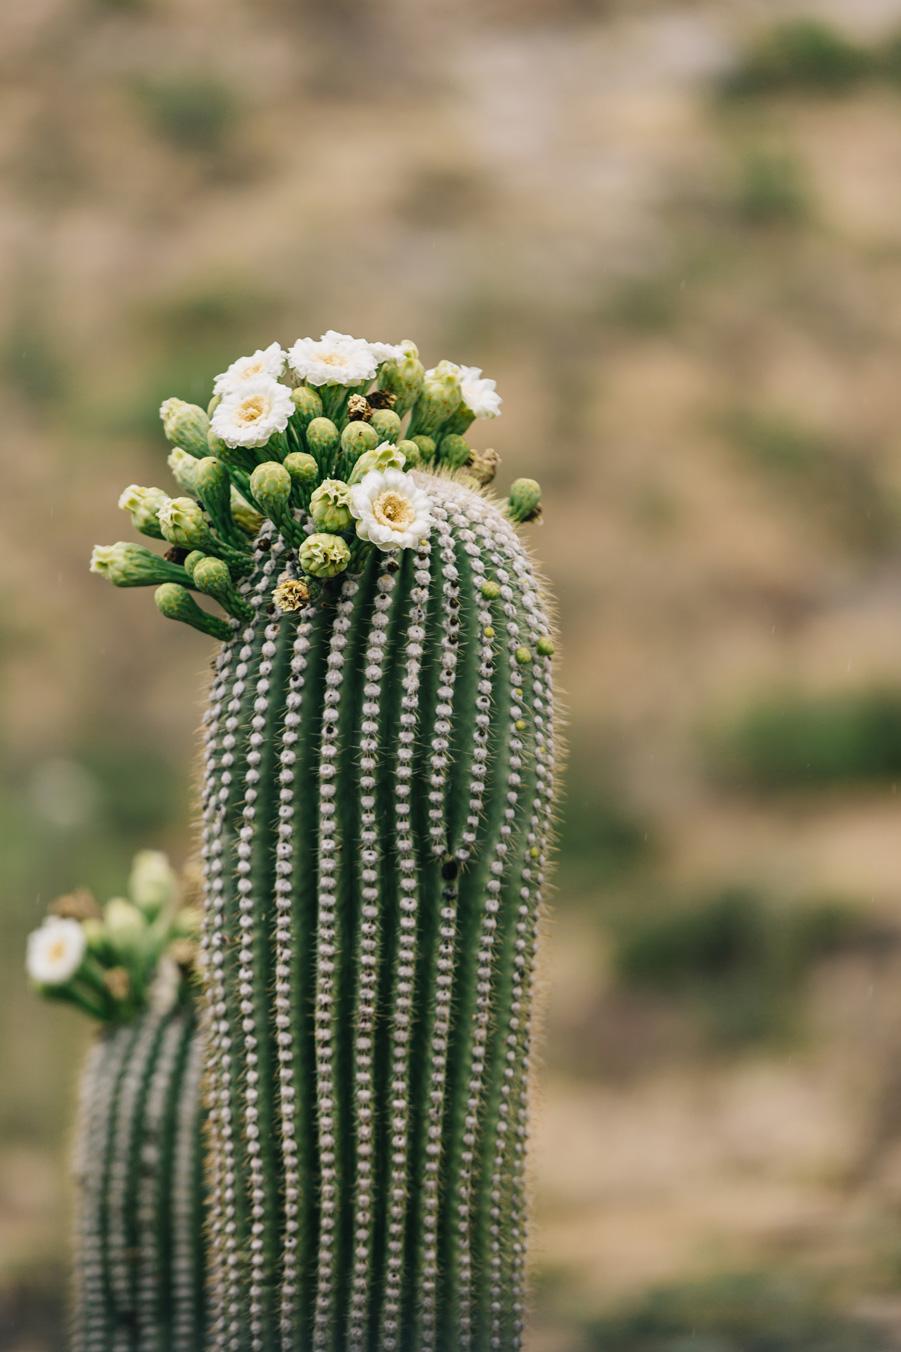 CindyGiovagnoli_Saguaro_National_Park_Arizona_desert_cactus_bloom_flowers-014.jpg